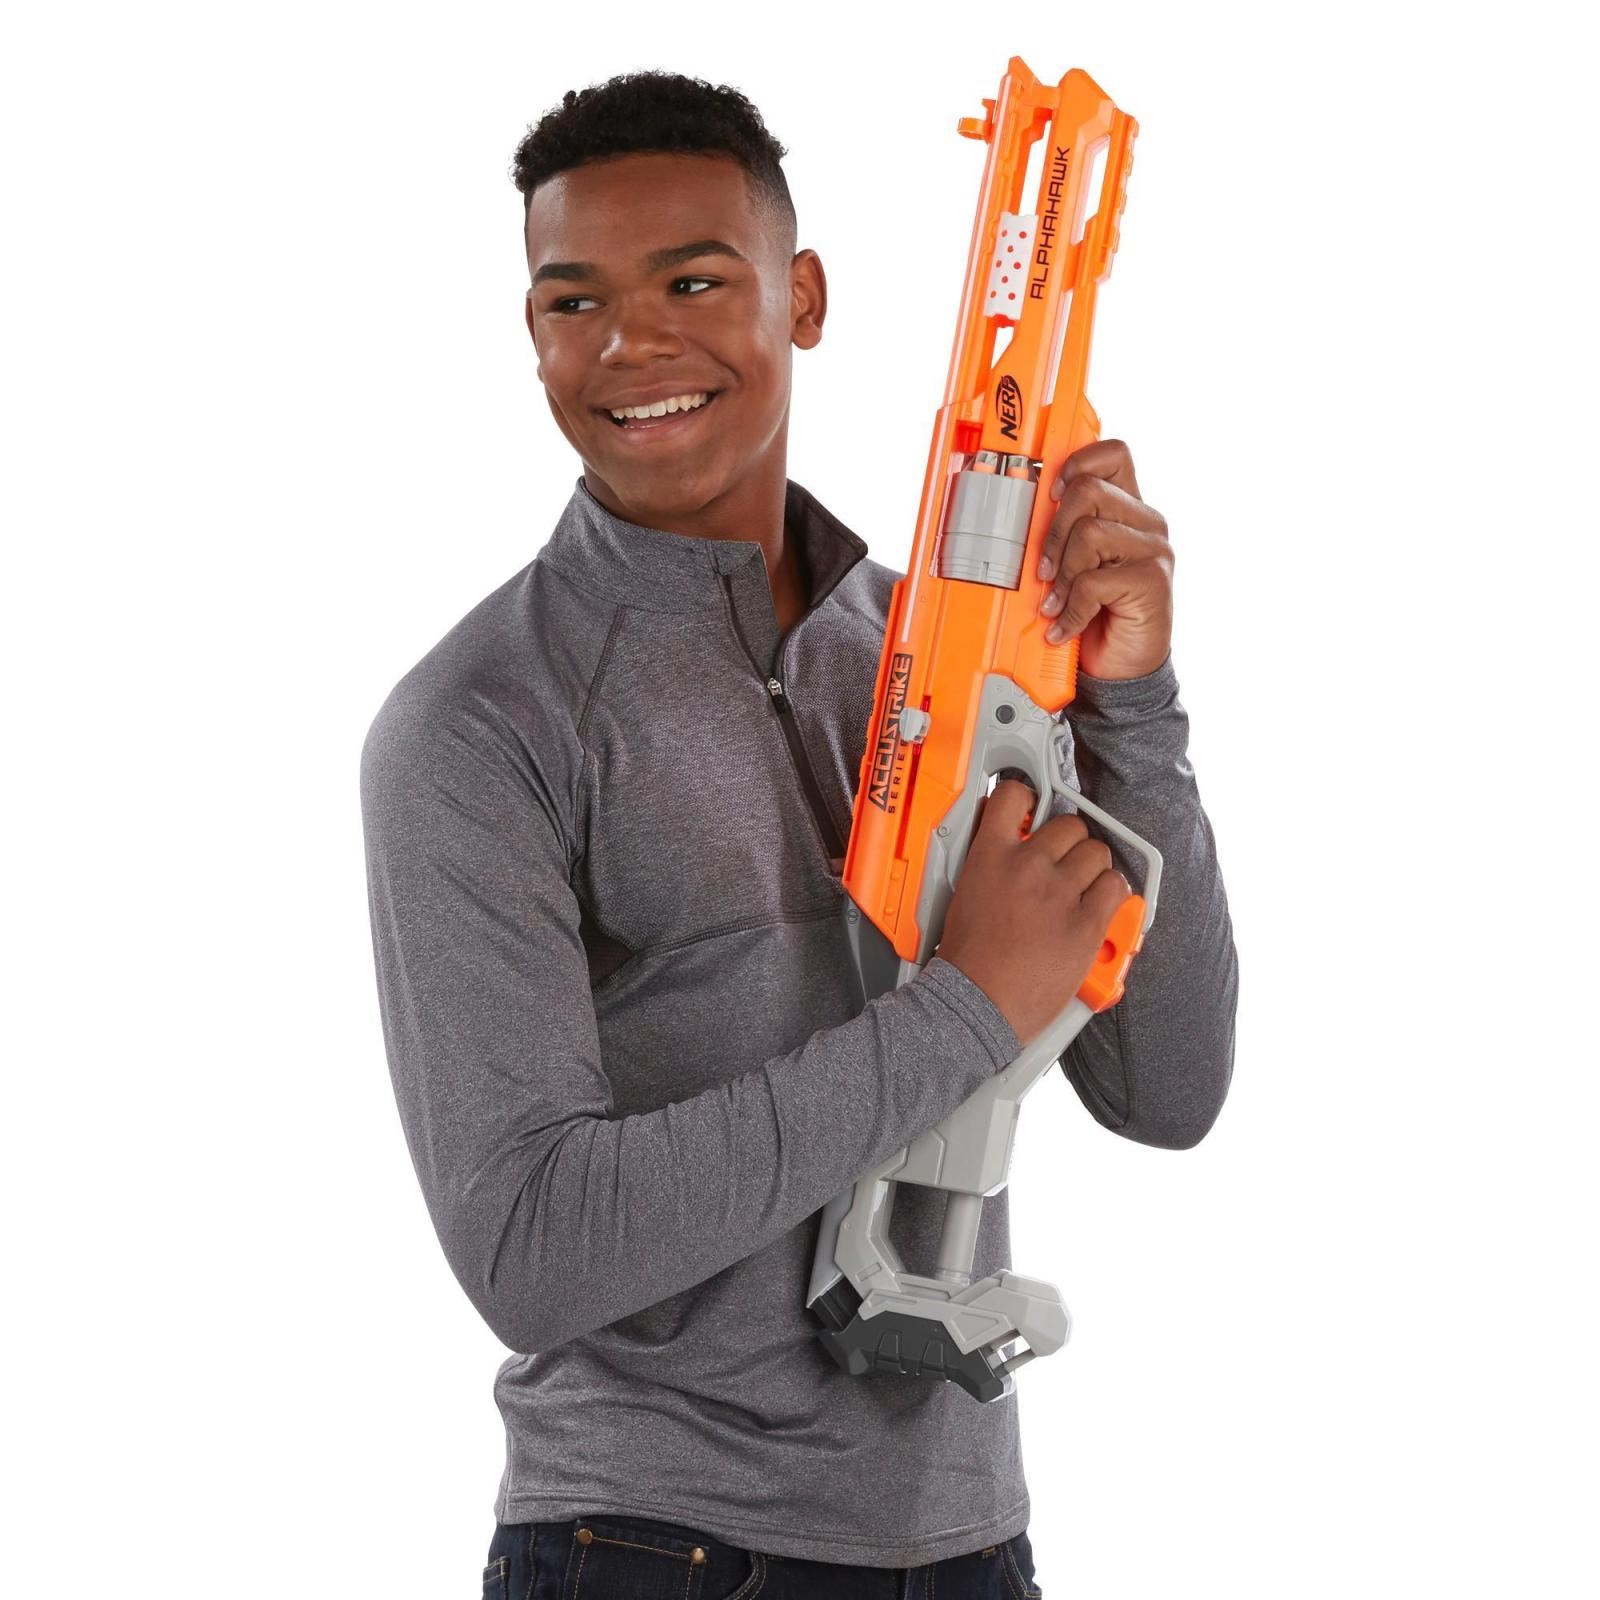 Игрушечное оружие Hasbro Бластер Аккустрайк Альфахок (B7784) изображение 3